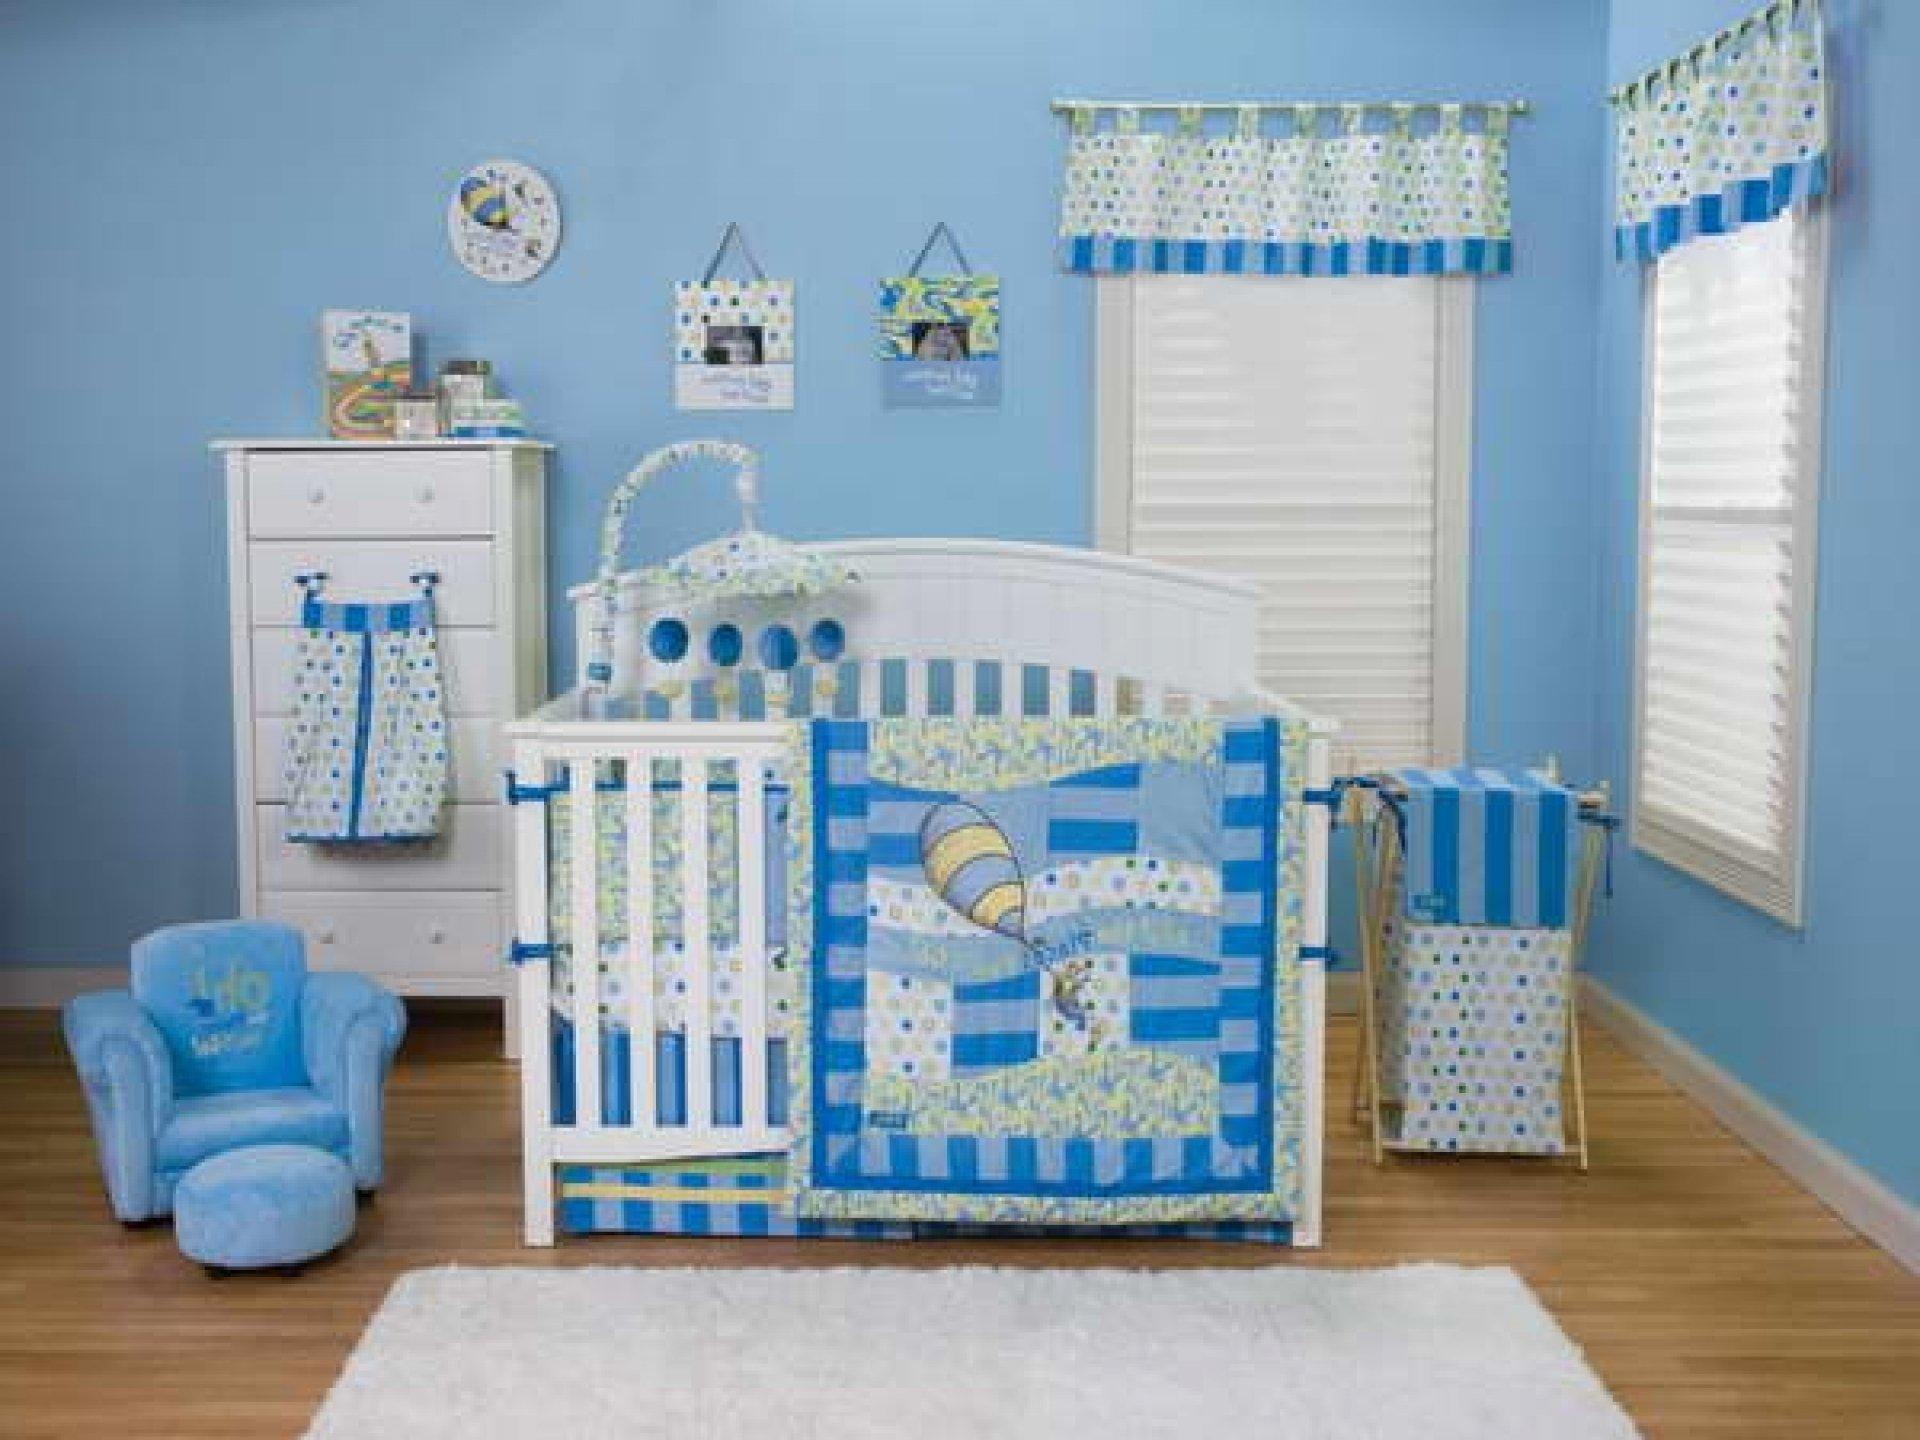 10 Unique Baby Boy Room Decor Ideas boy boys room decor ideas photos boy baby boy rooms decor as wells